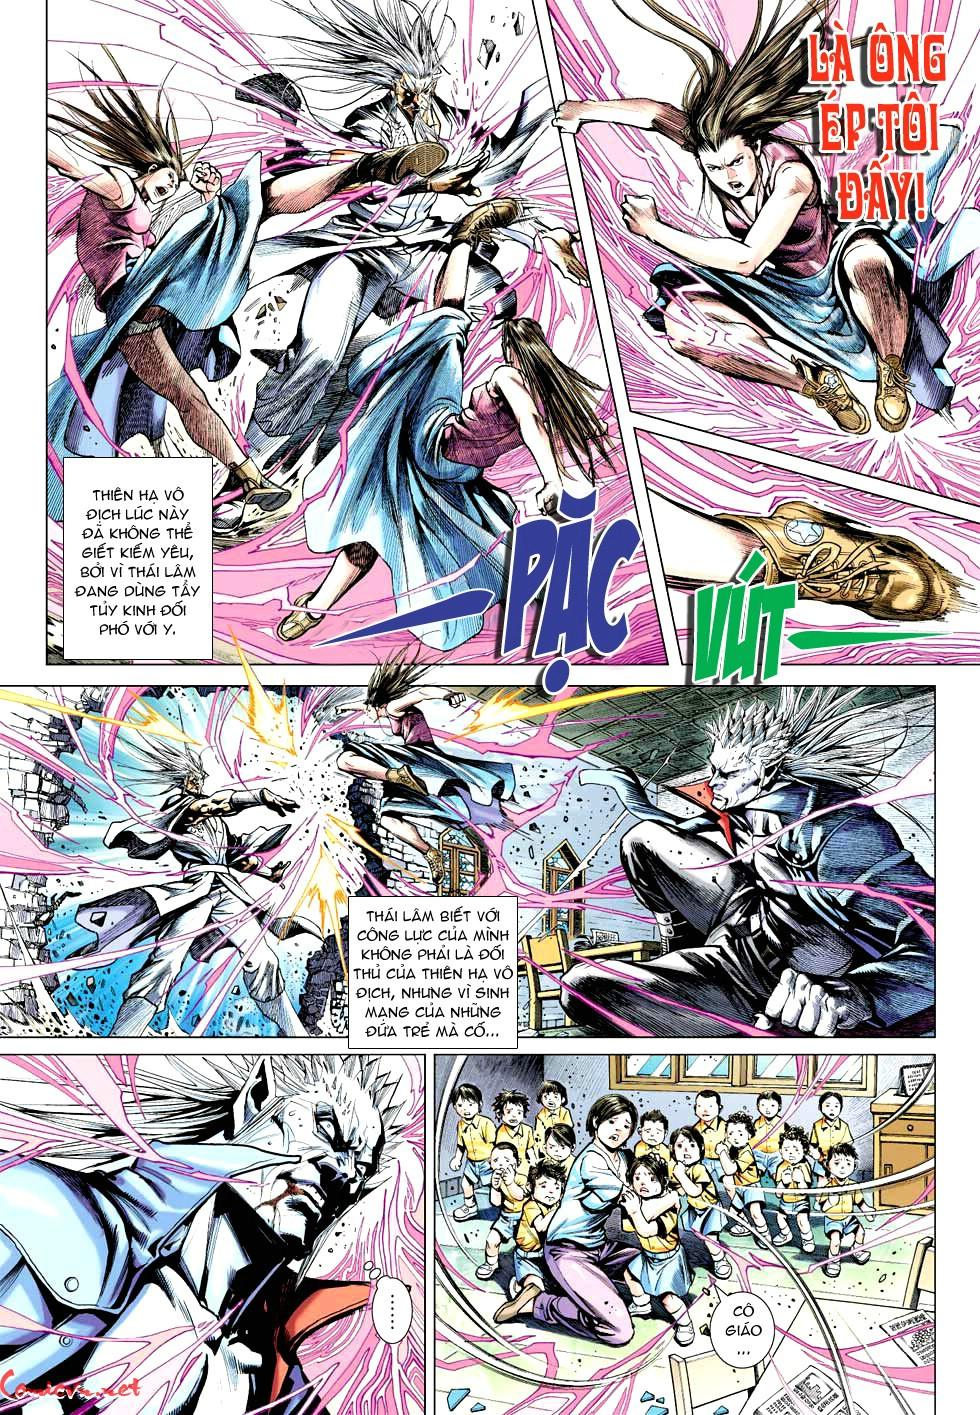 Vương Phong Lôi 1 chap 49 - Trang 11